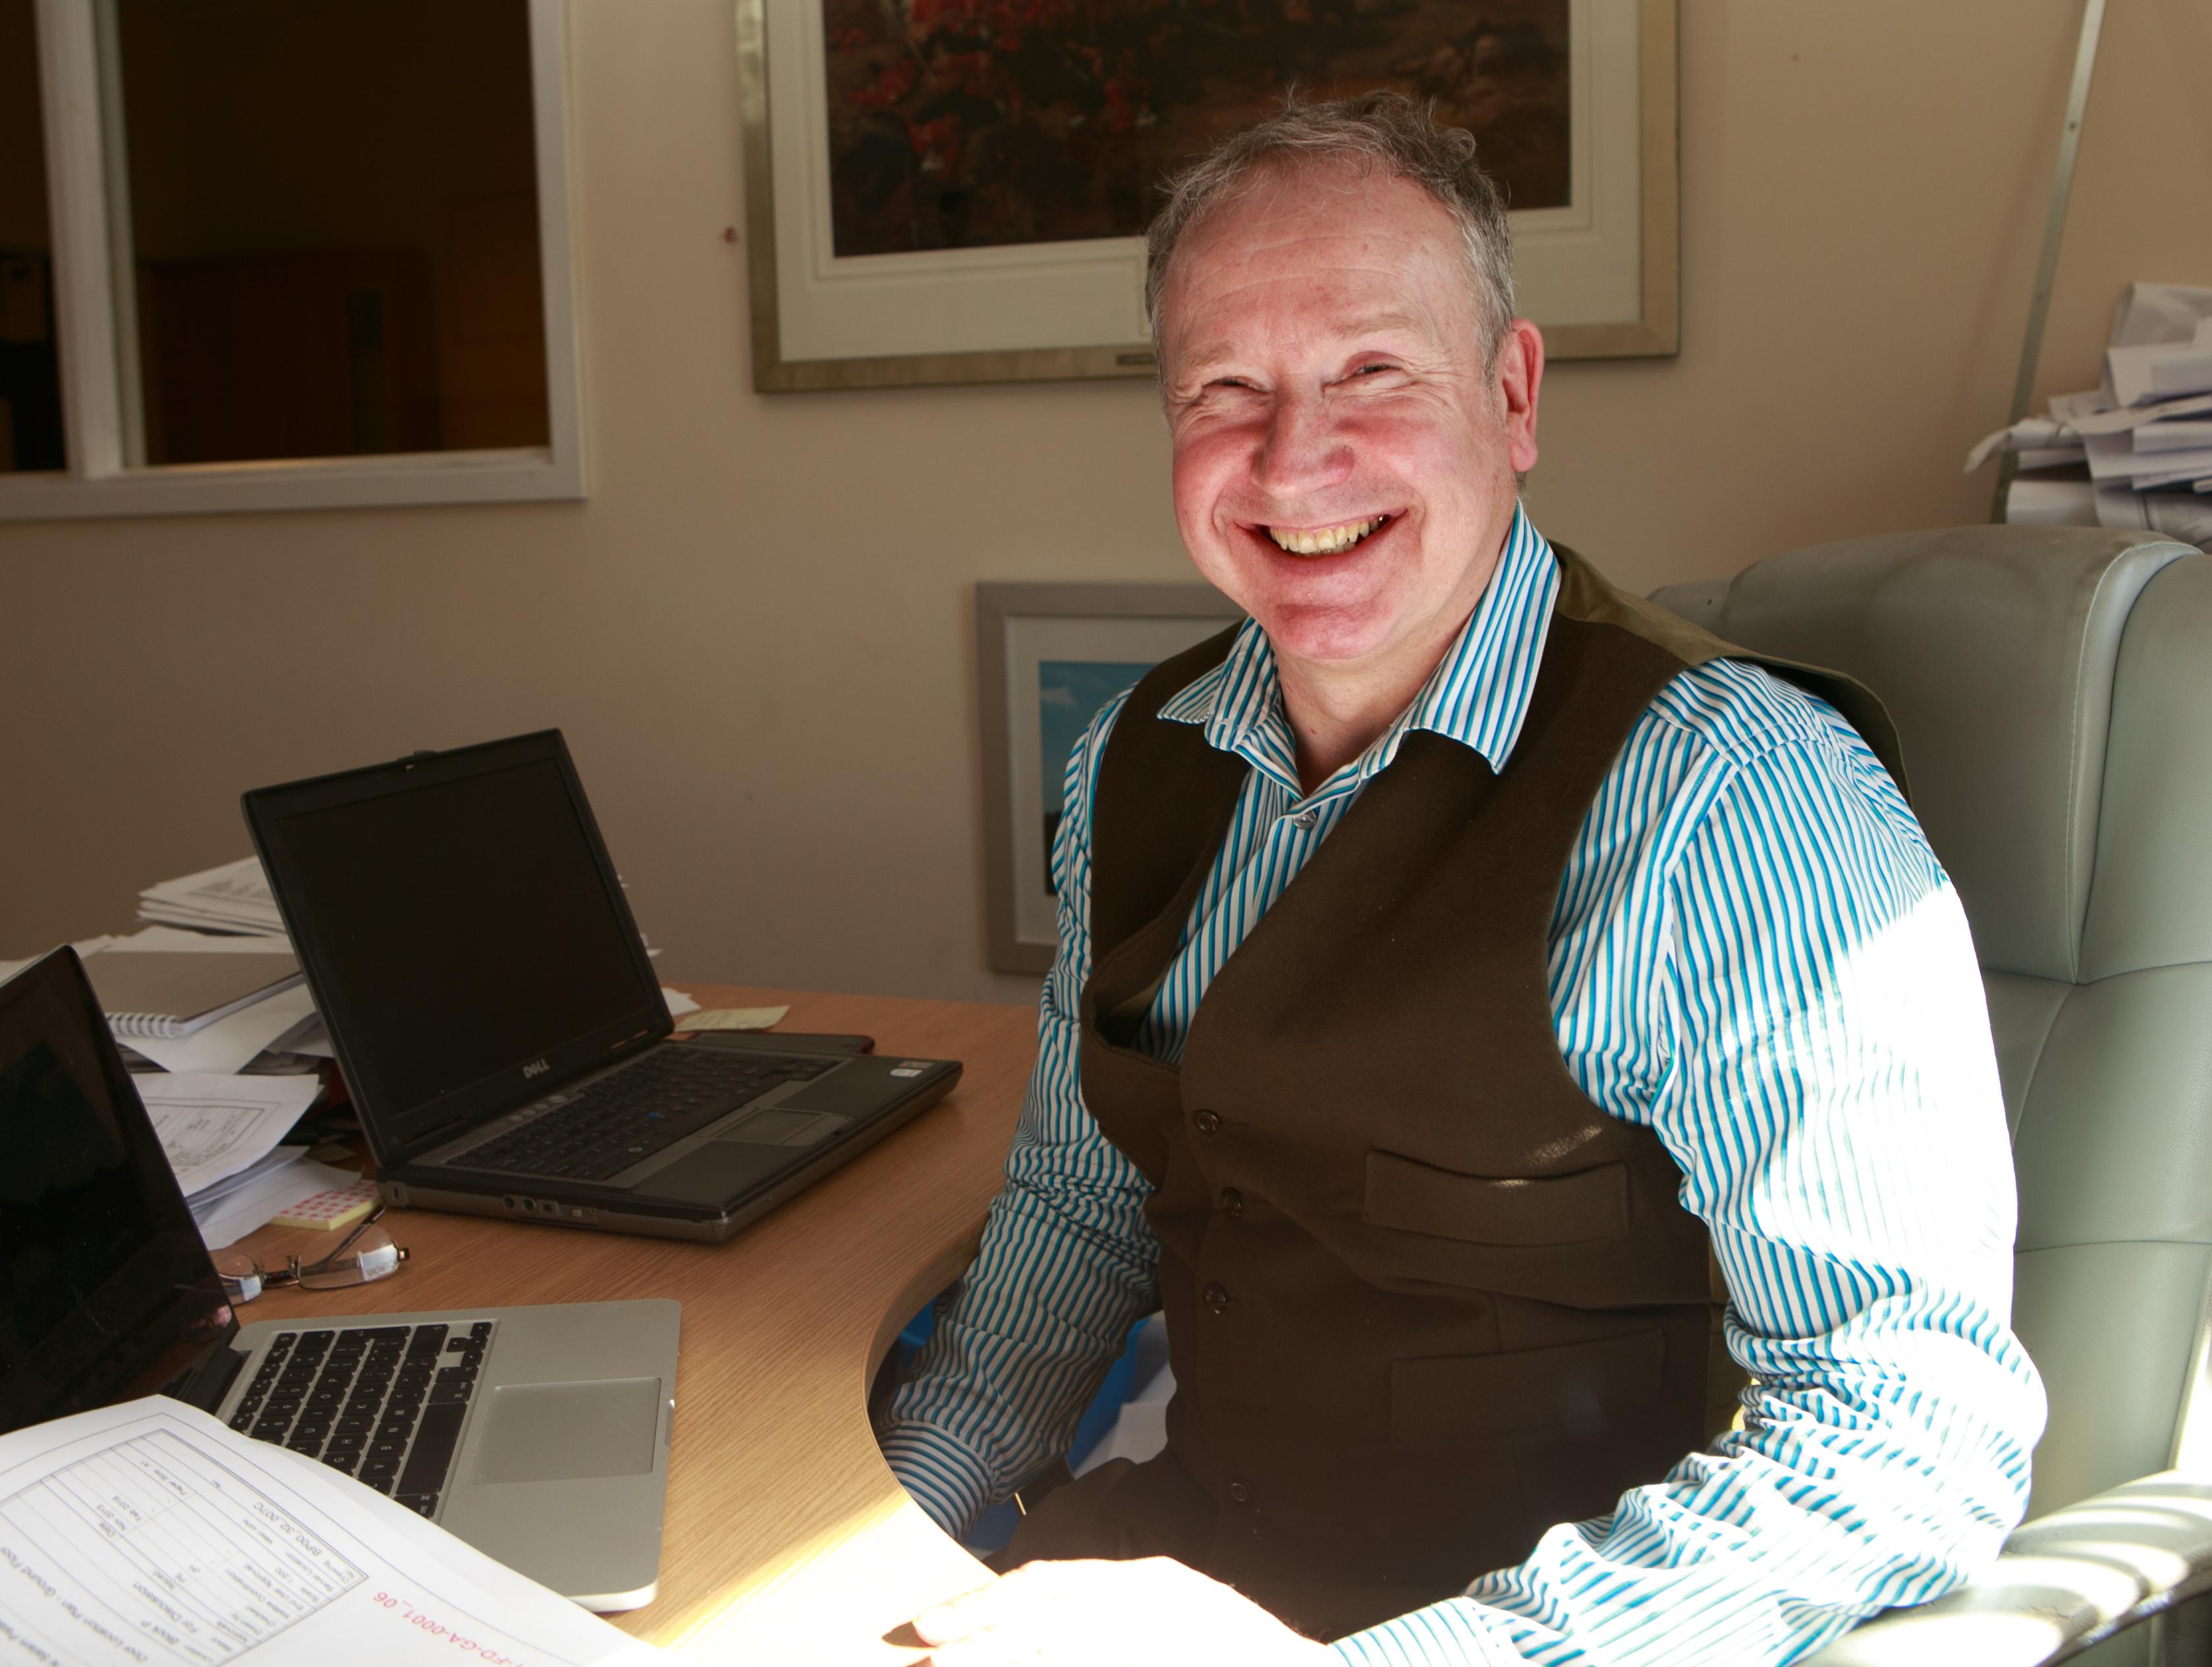 Neil Aspinshaw